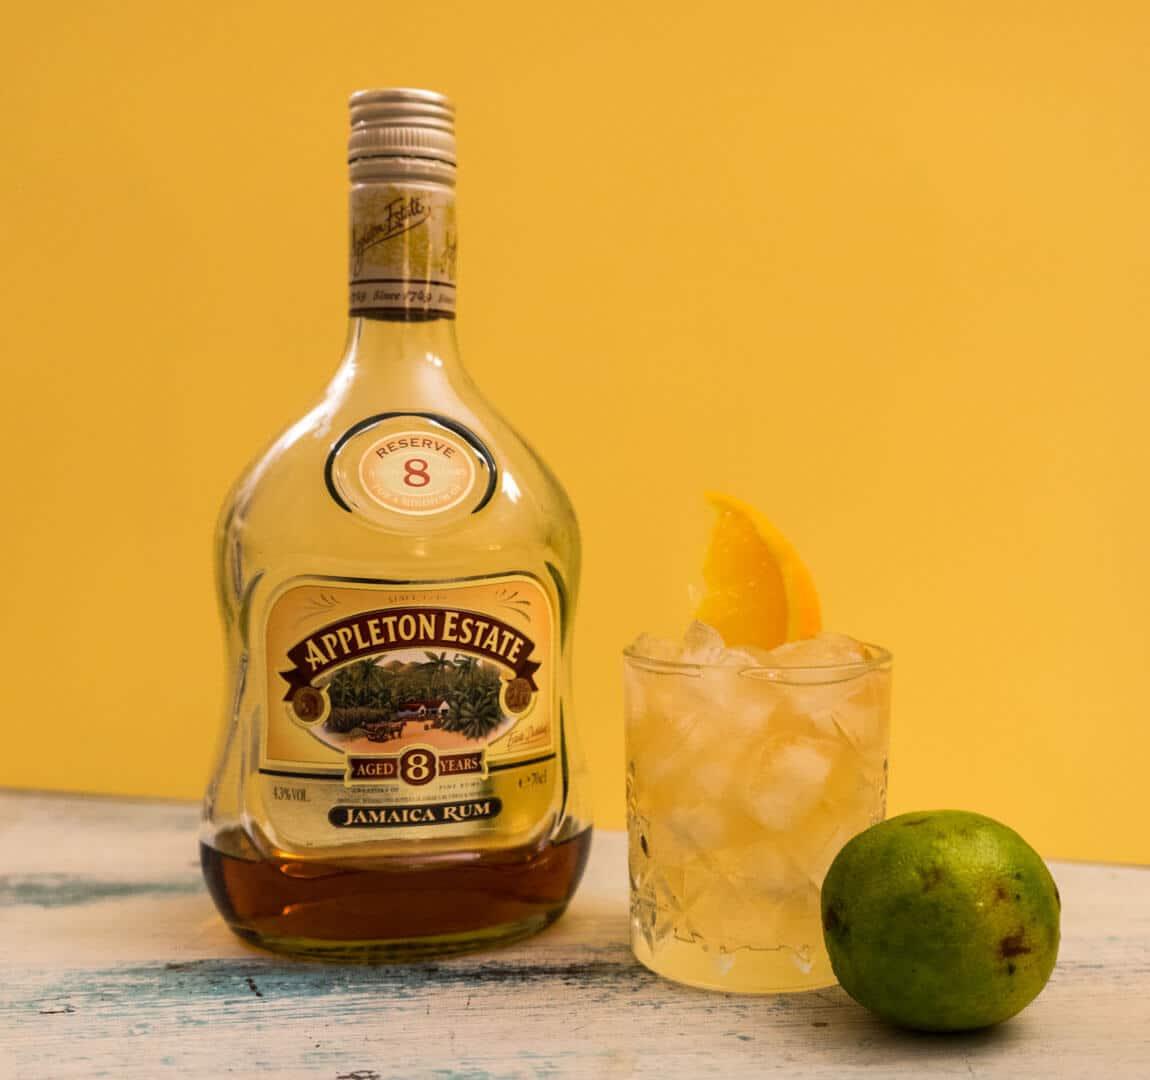 planter's punch cocktail par colada avec rhum de jamaique et citron vert